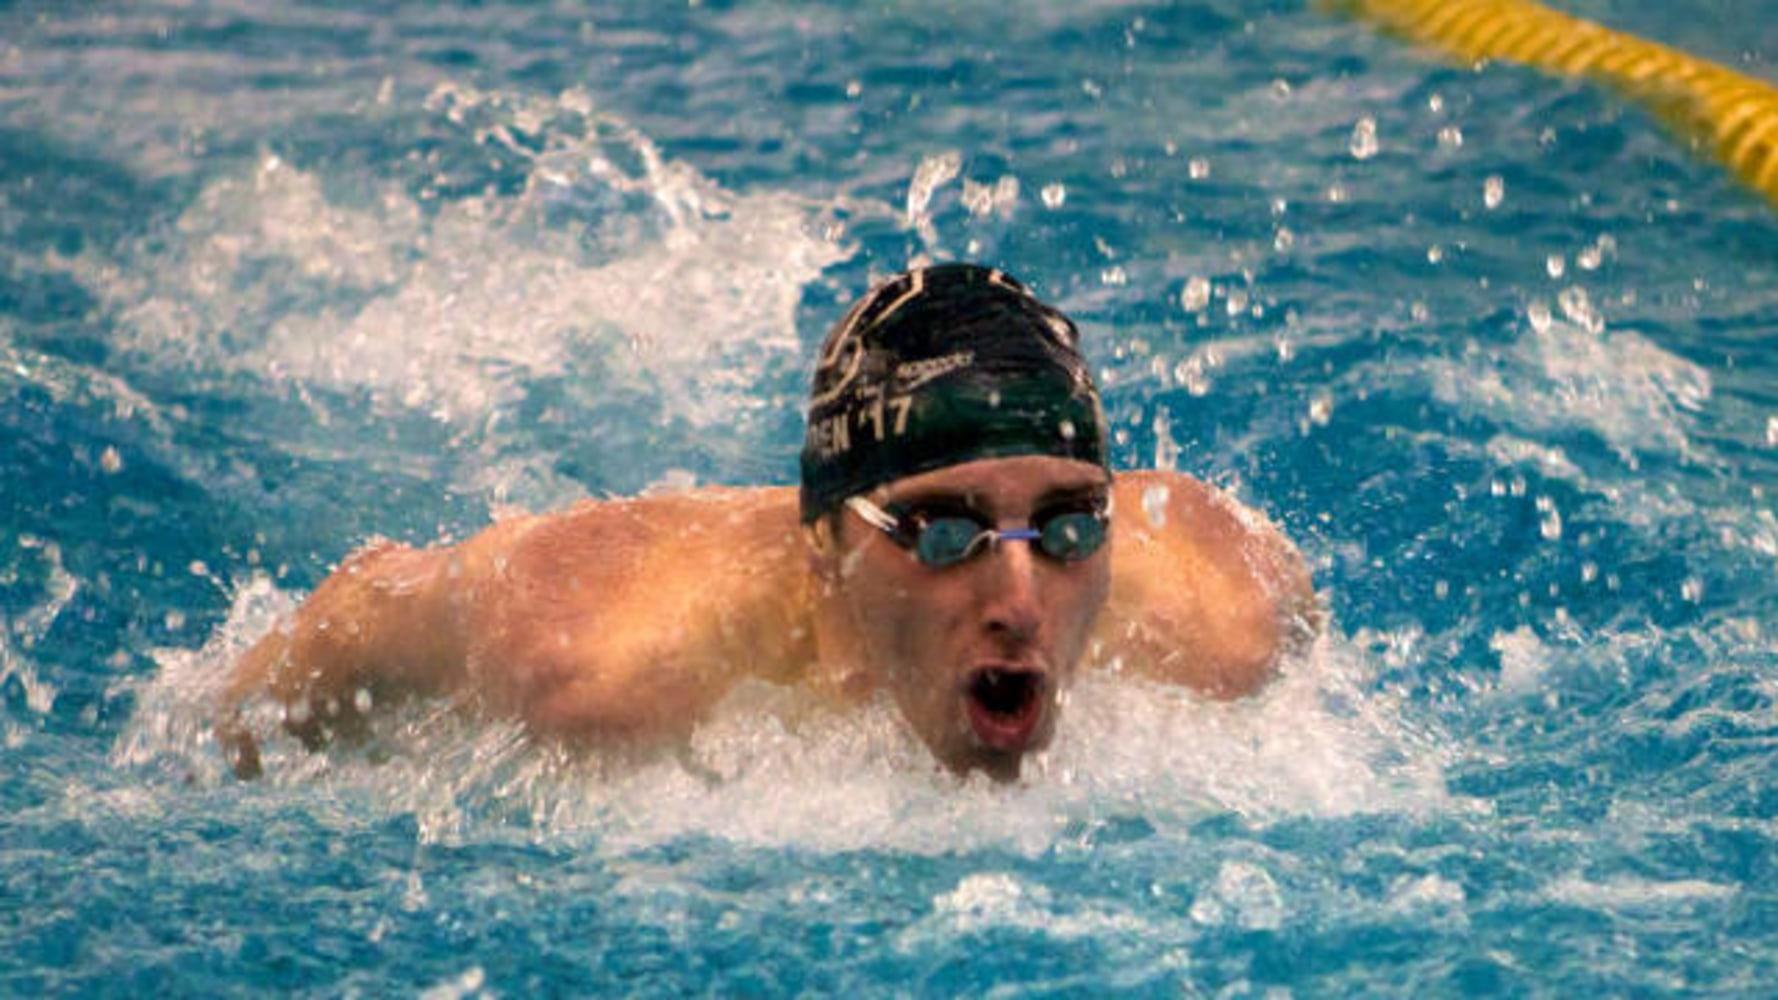 Dartmouth Swimmer Tate Ramsden Dies During Underwater Practice Nbc News